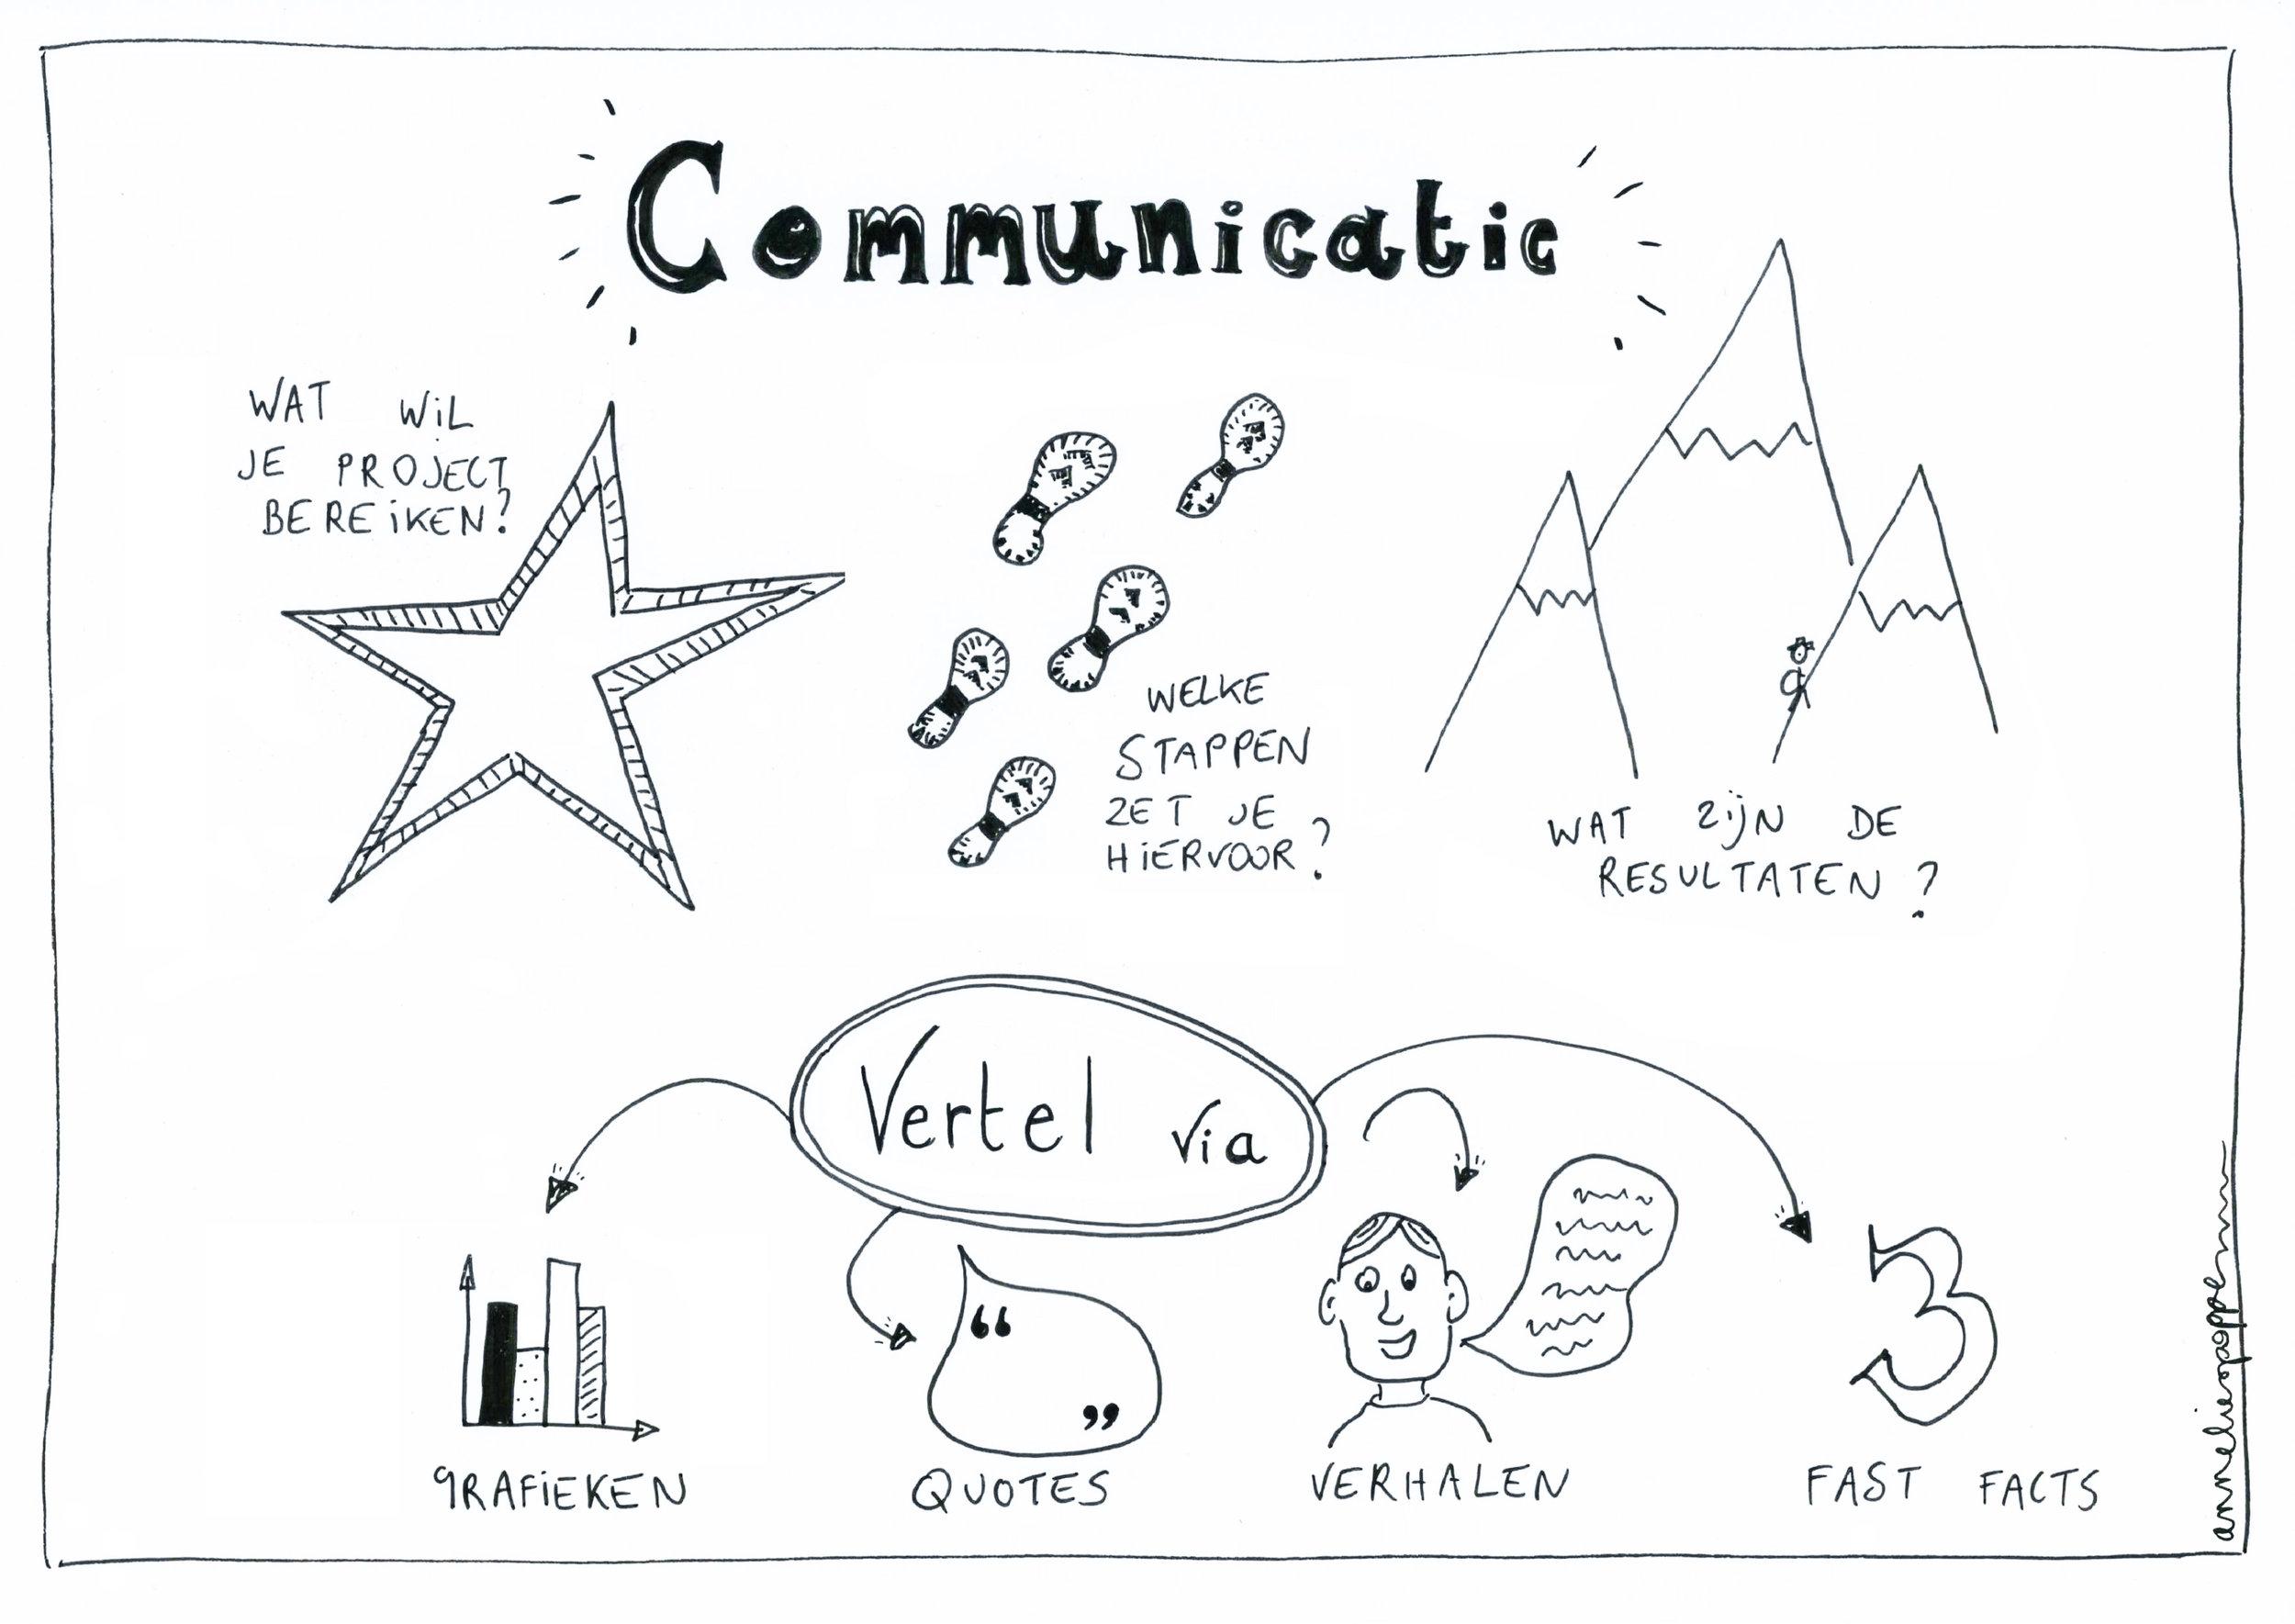 ANDERS ANNELIES-Impact-Communicatie-NL.jpg